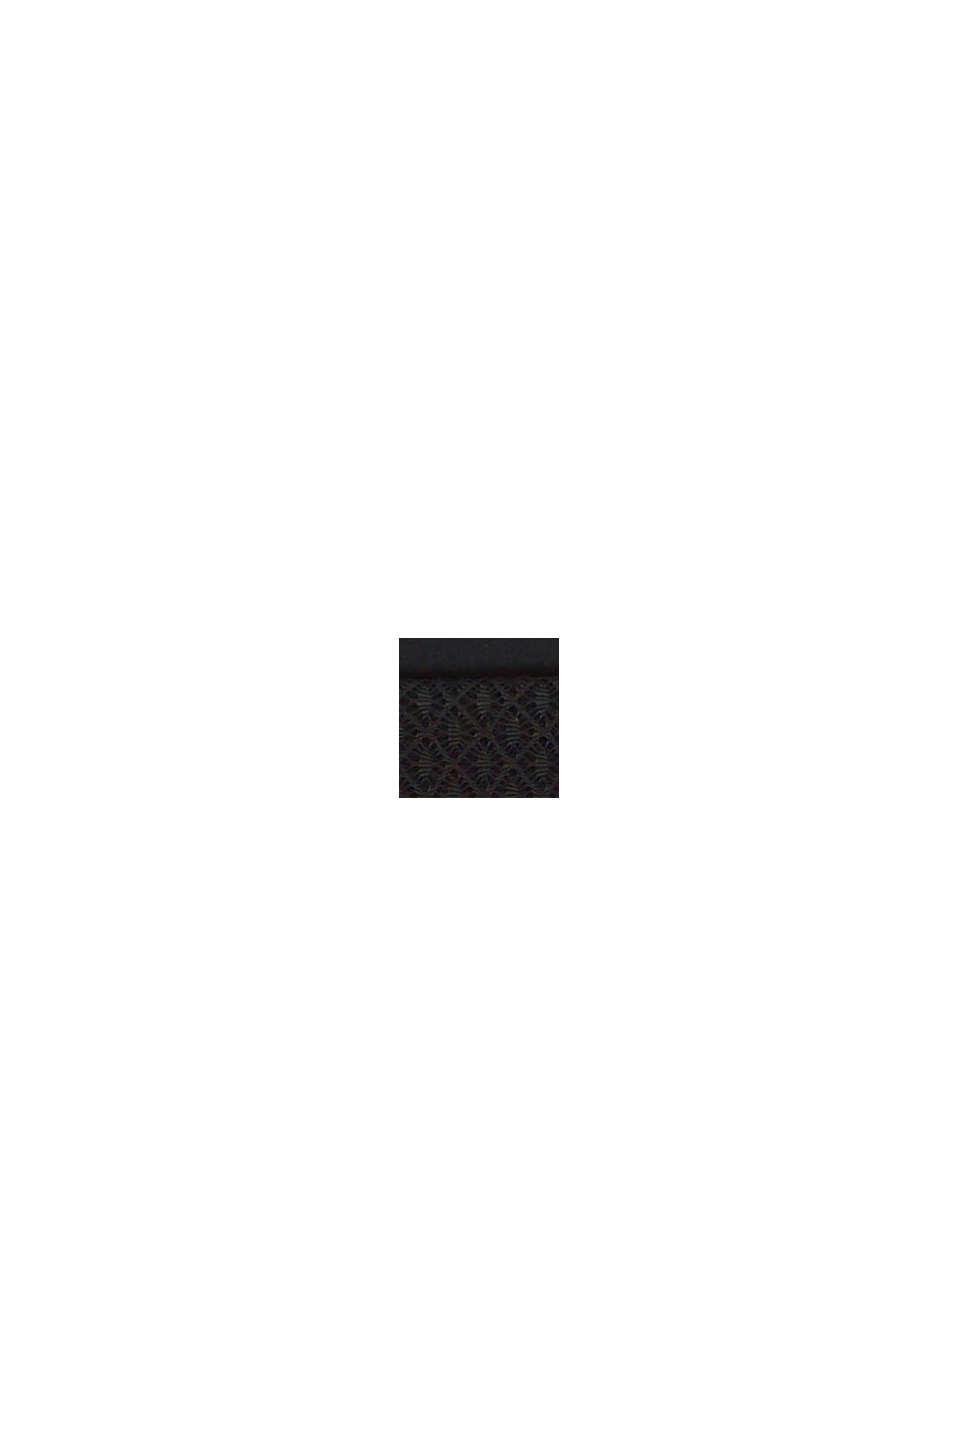 In materiale riciclato: culotte corte morbide al tatto, BLACK, swatch